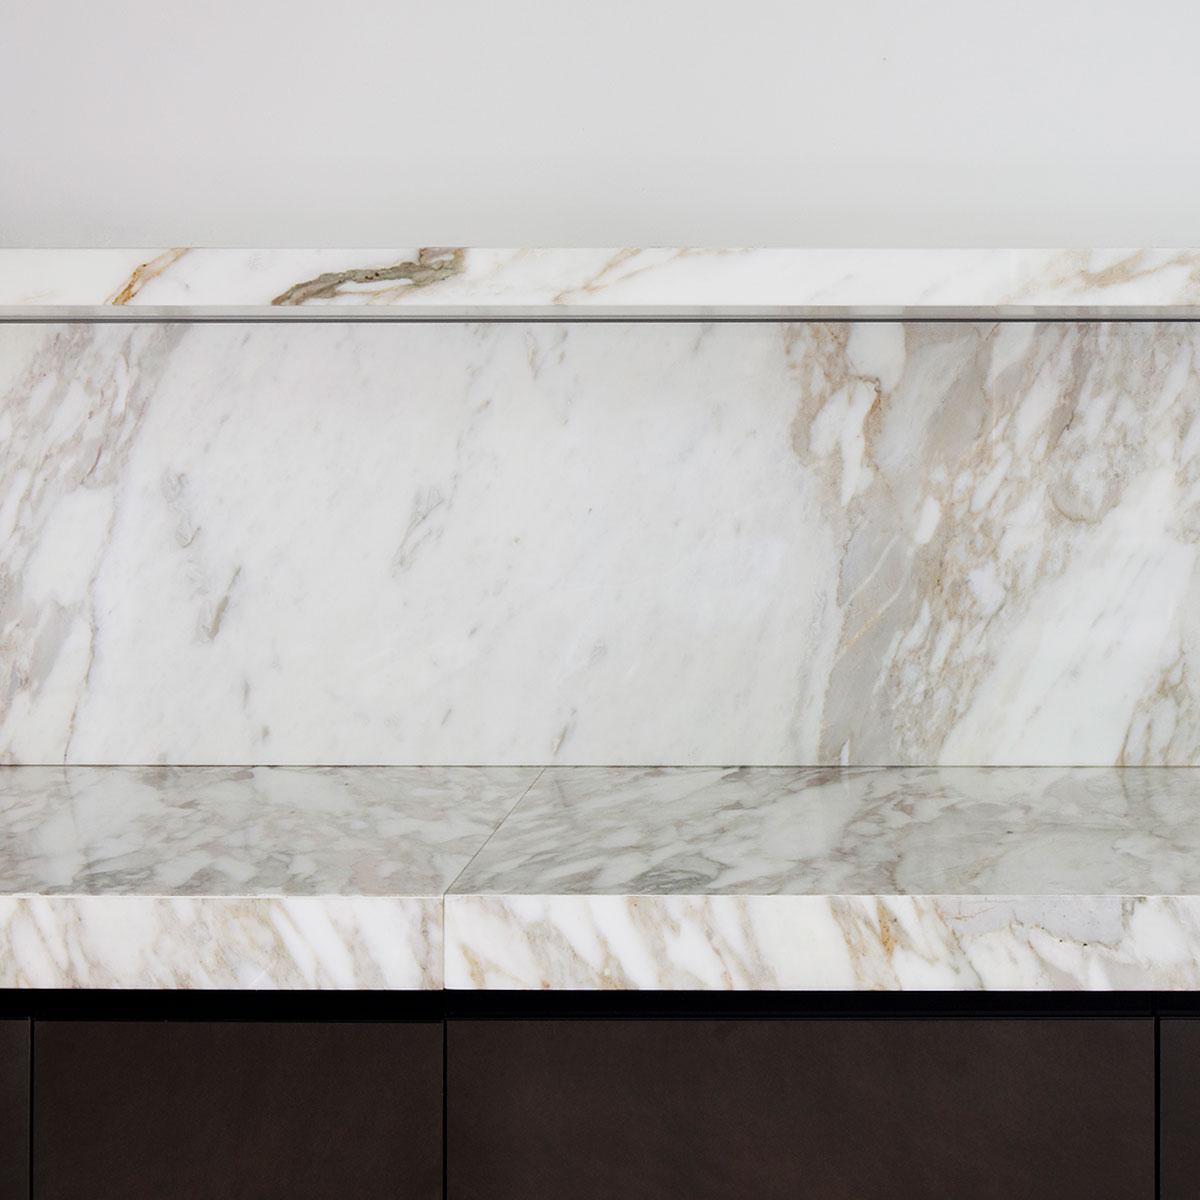 kickoffice casa dgr kitchen valcucine gaggenau spotti marble calacatta detail